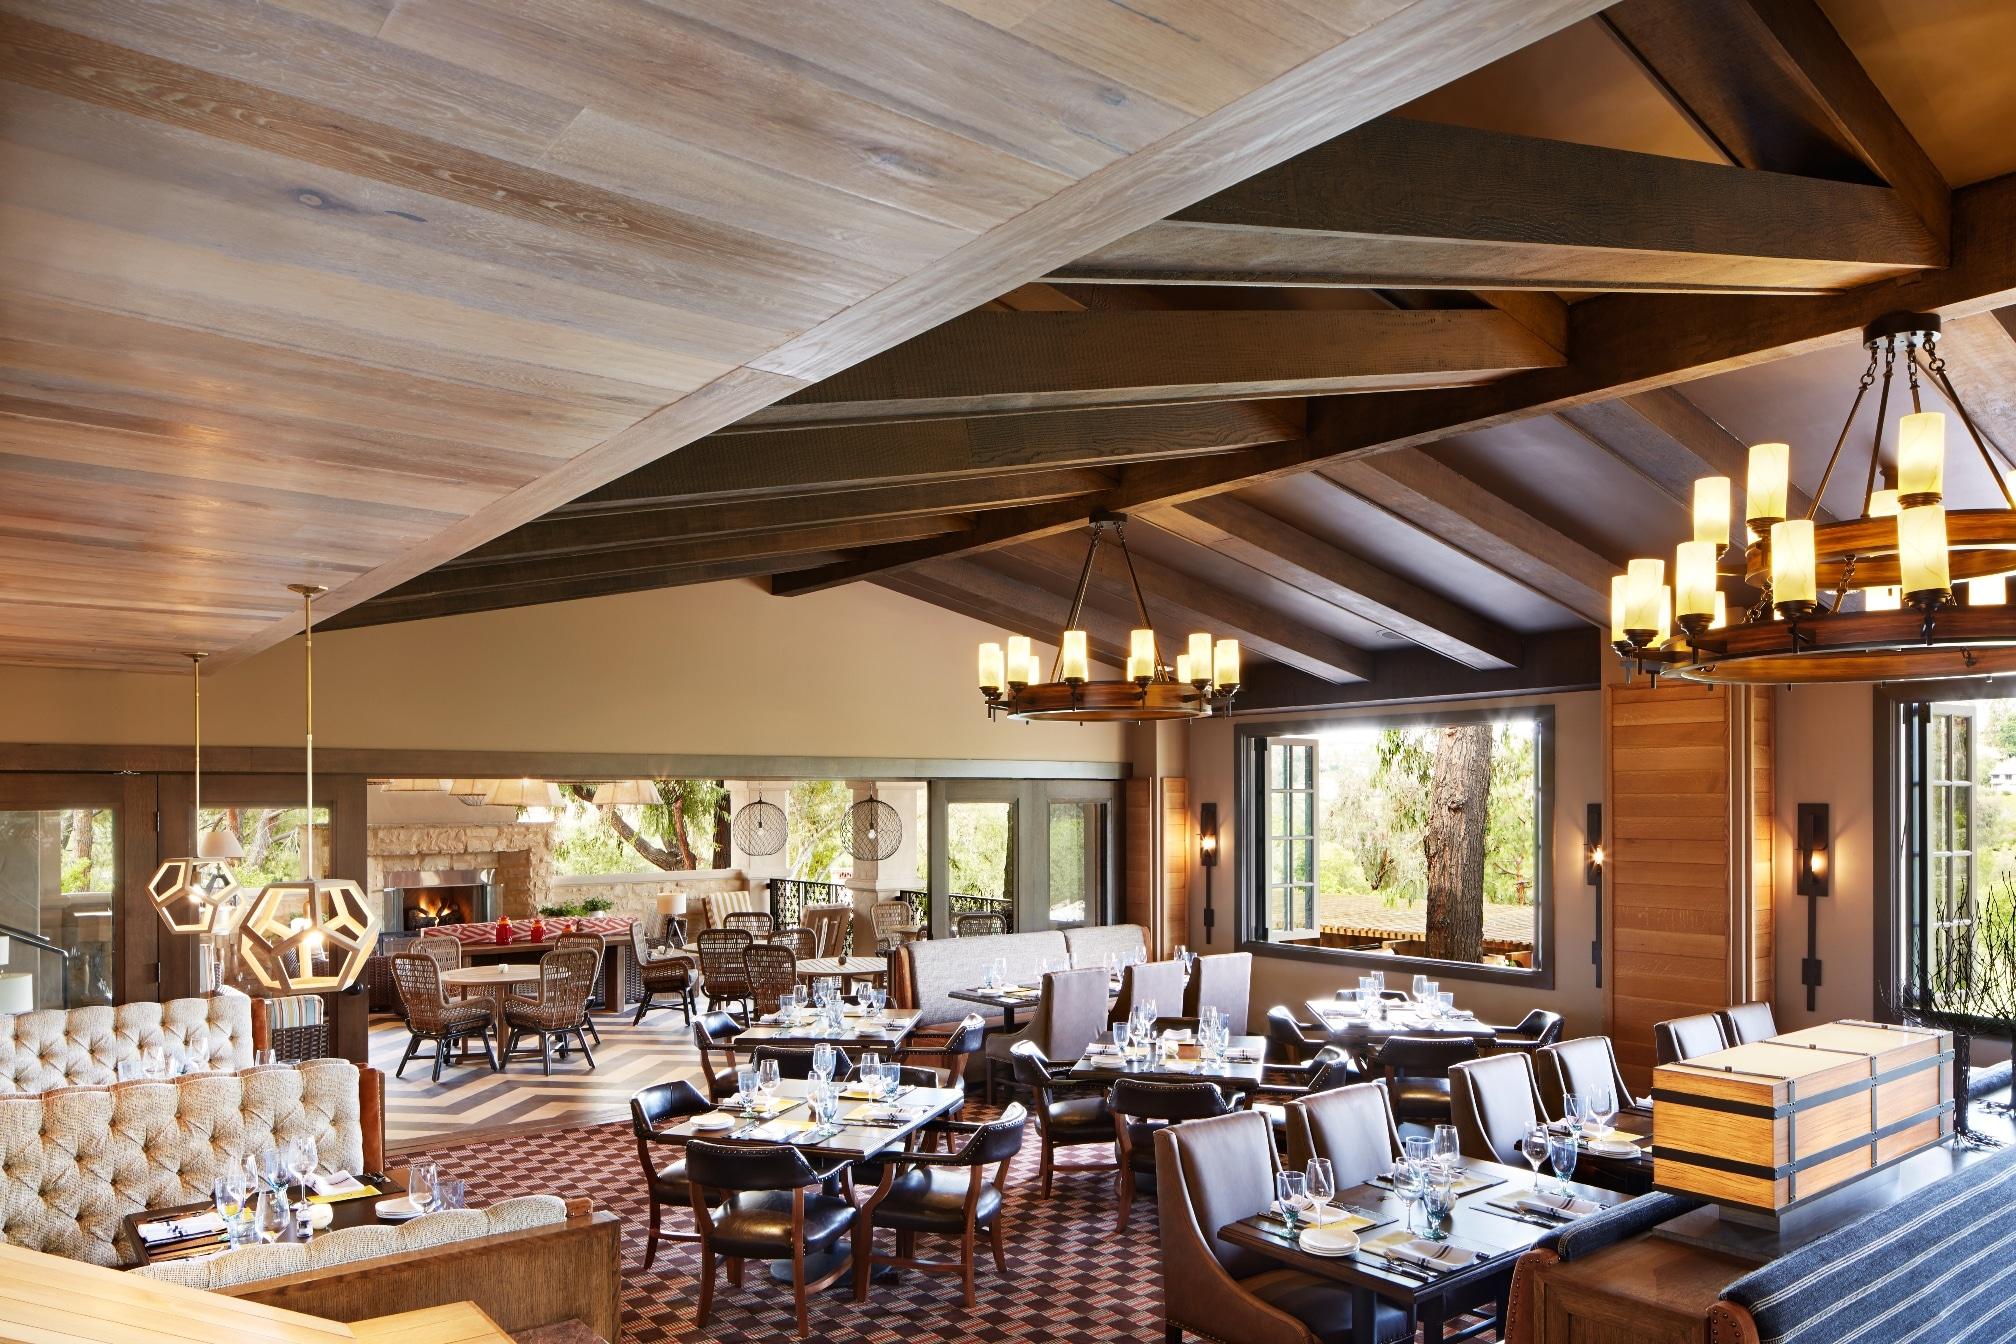 The rustic/modern interior at Avant restaurant in Rancho Bernardo.